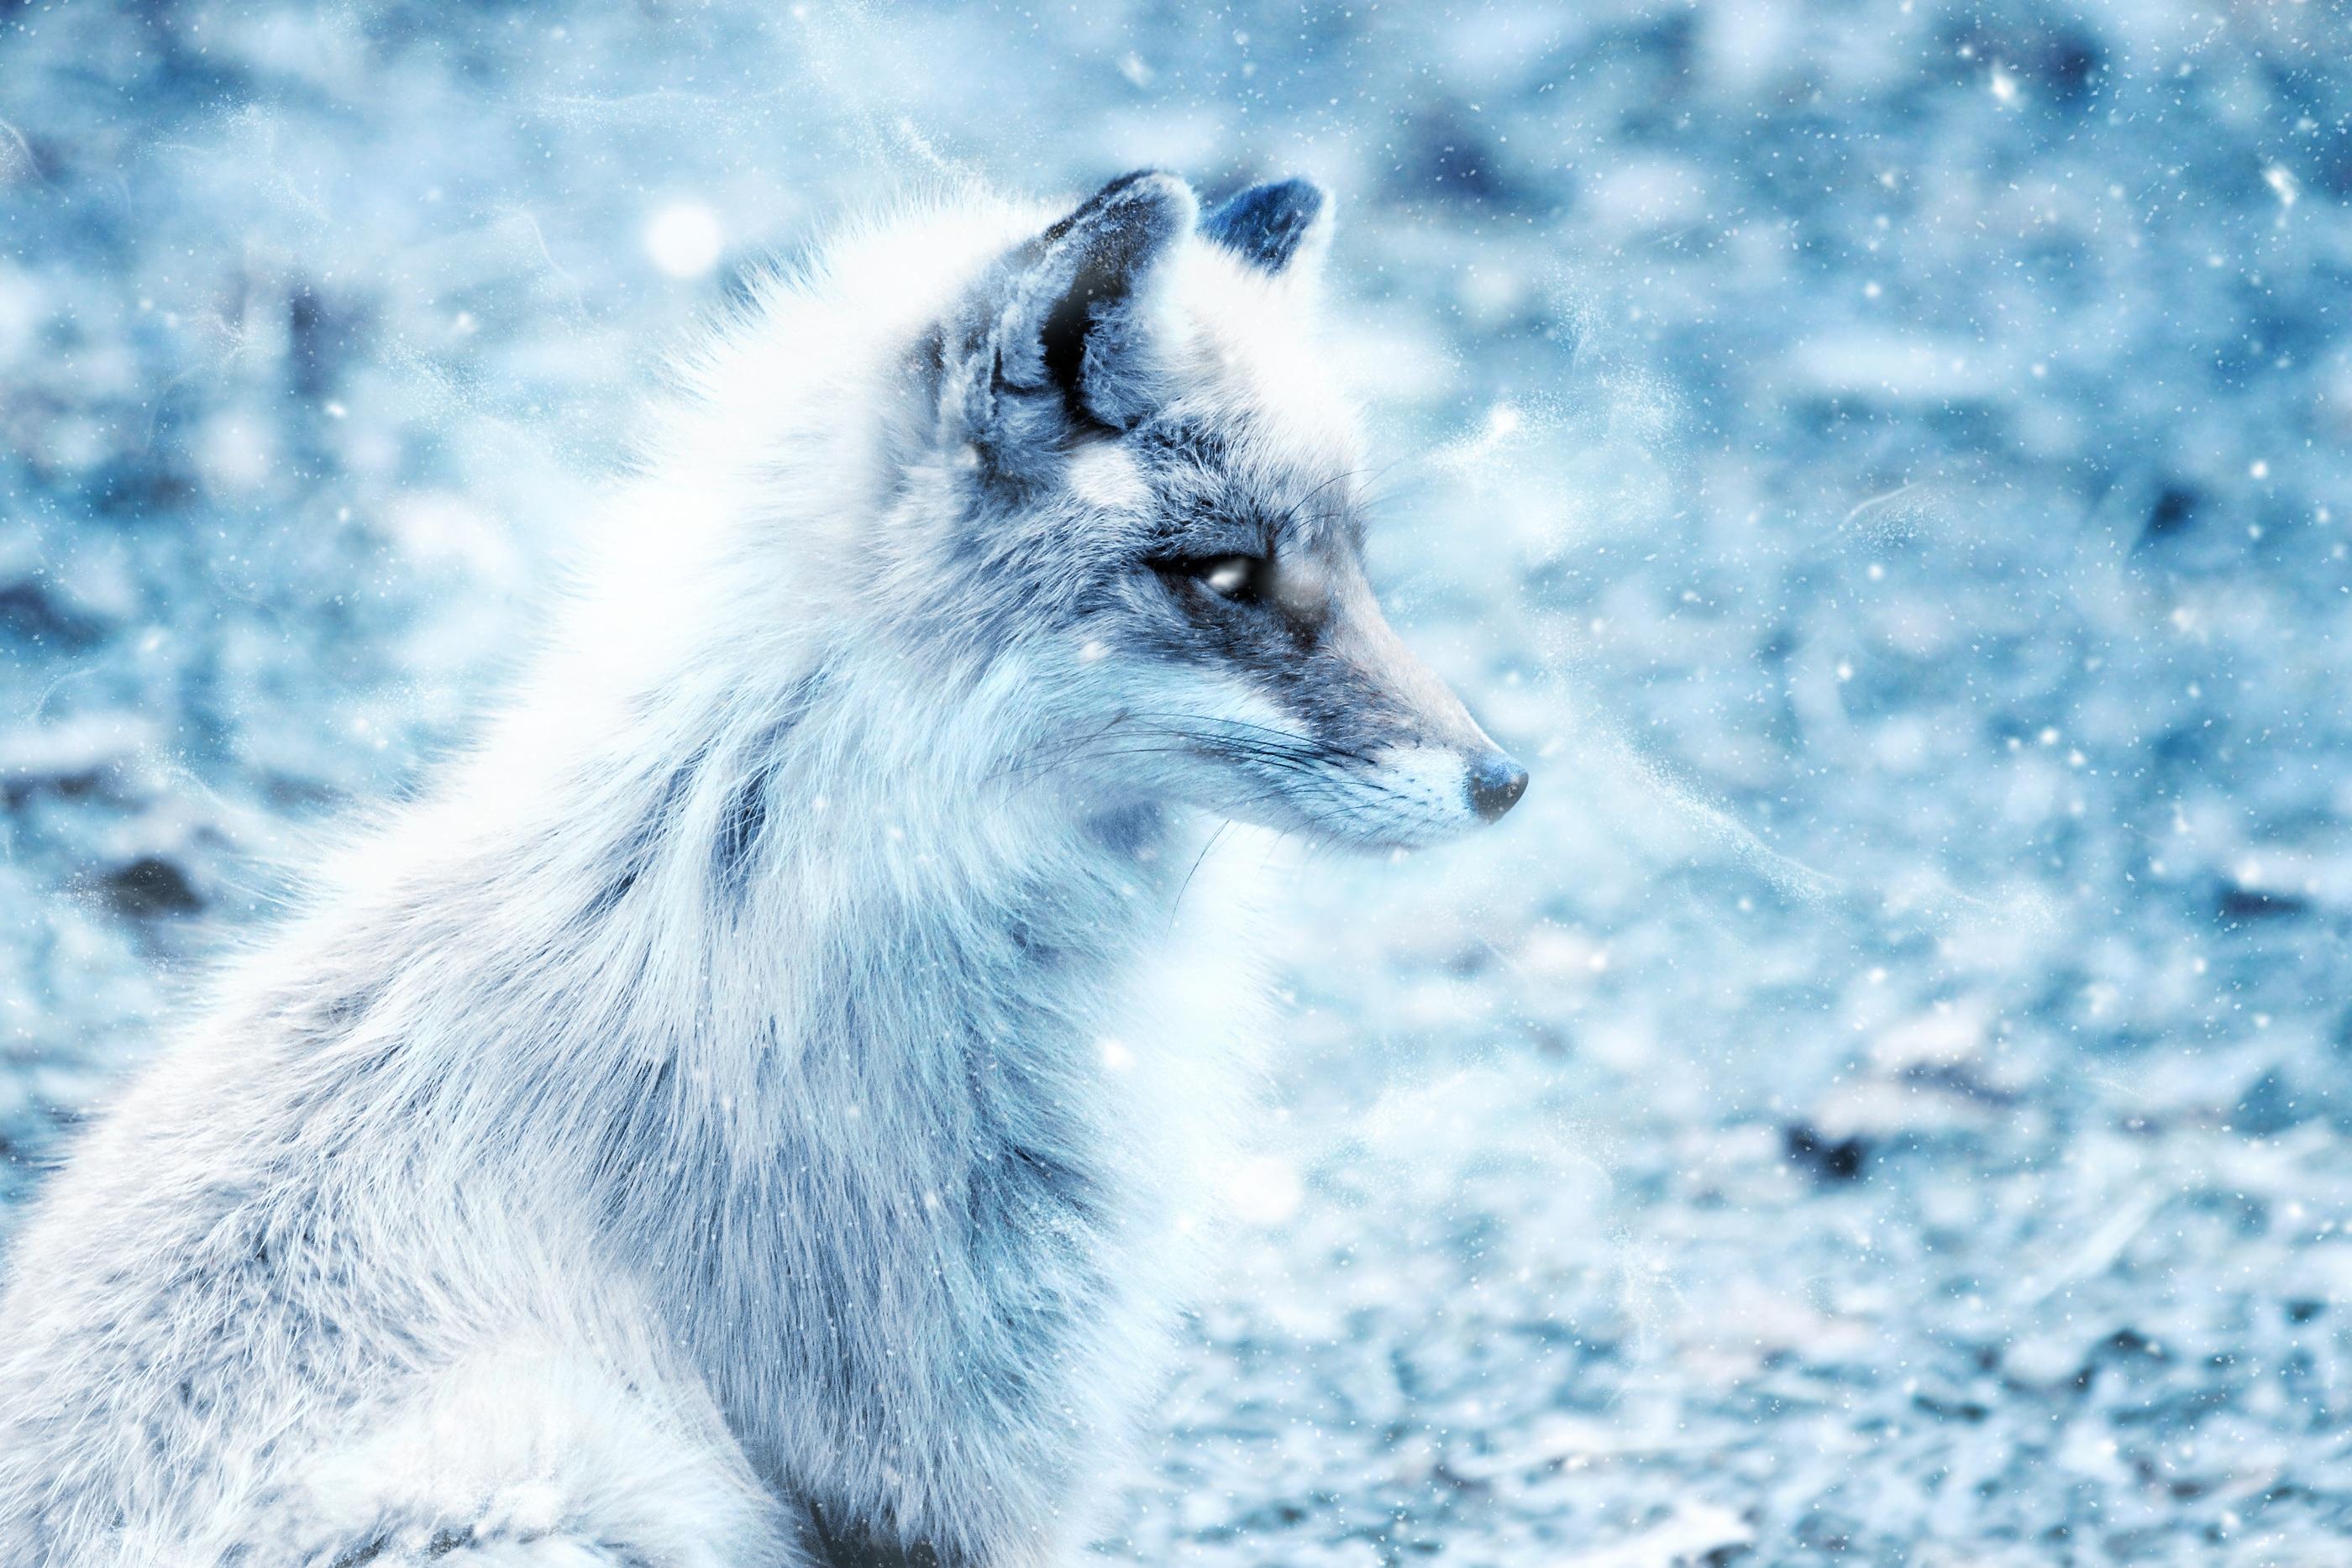 красивые картинки на аву лисы белые